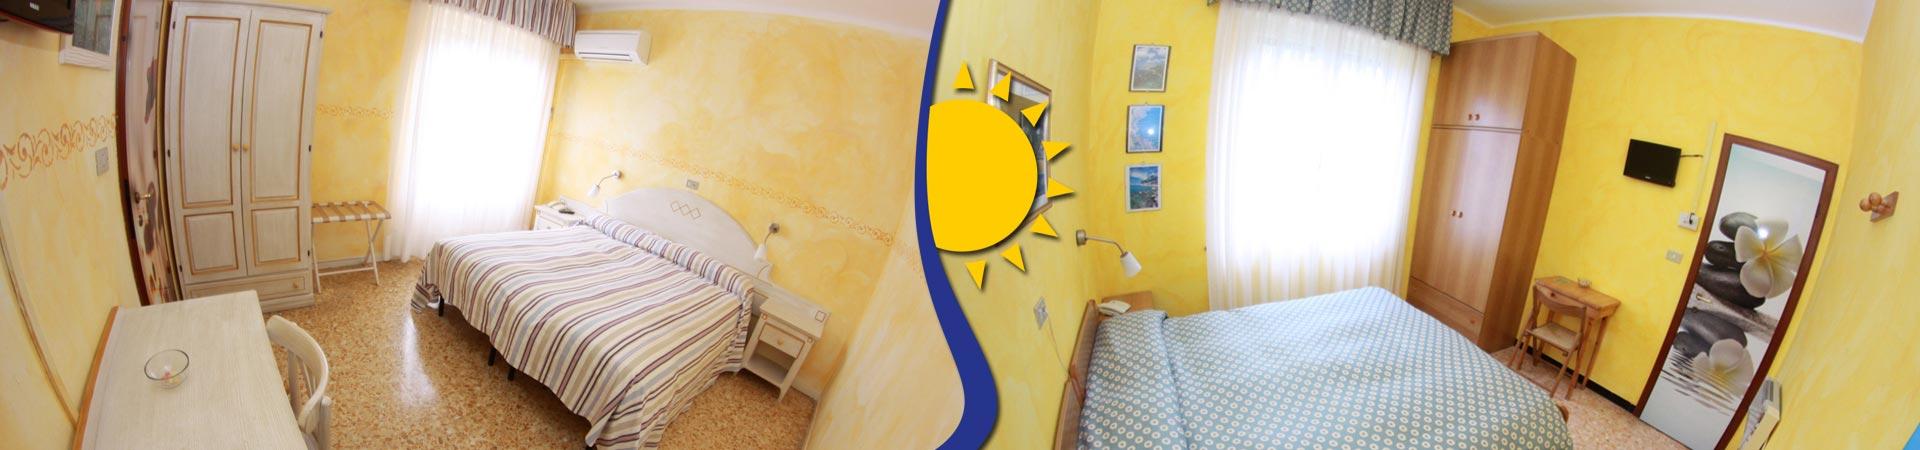 Hotel Ristorante Eva la Romantica con terrazza sul mare a Moneglia, Cinque Terre, Liguria